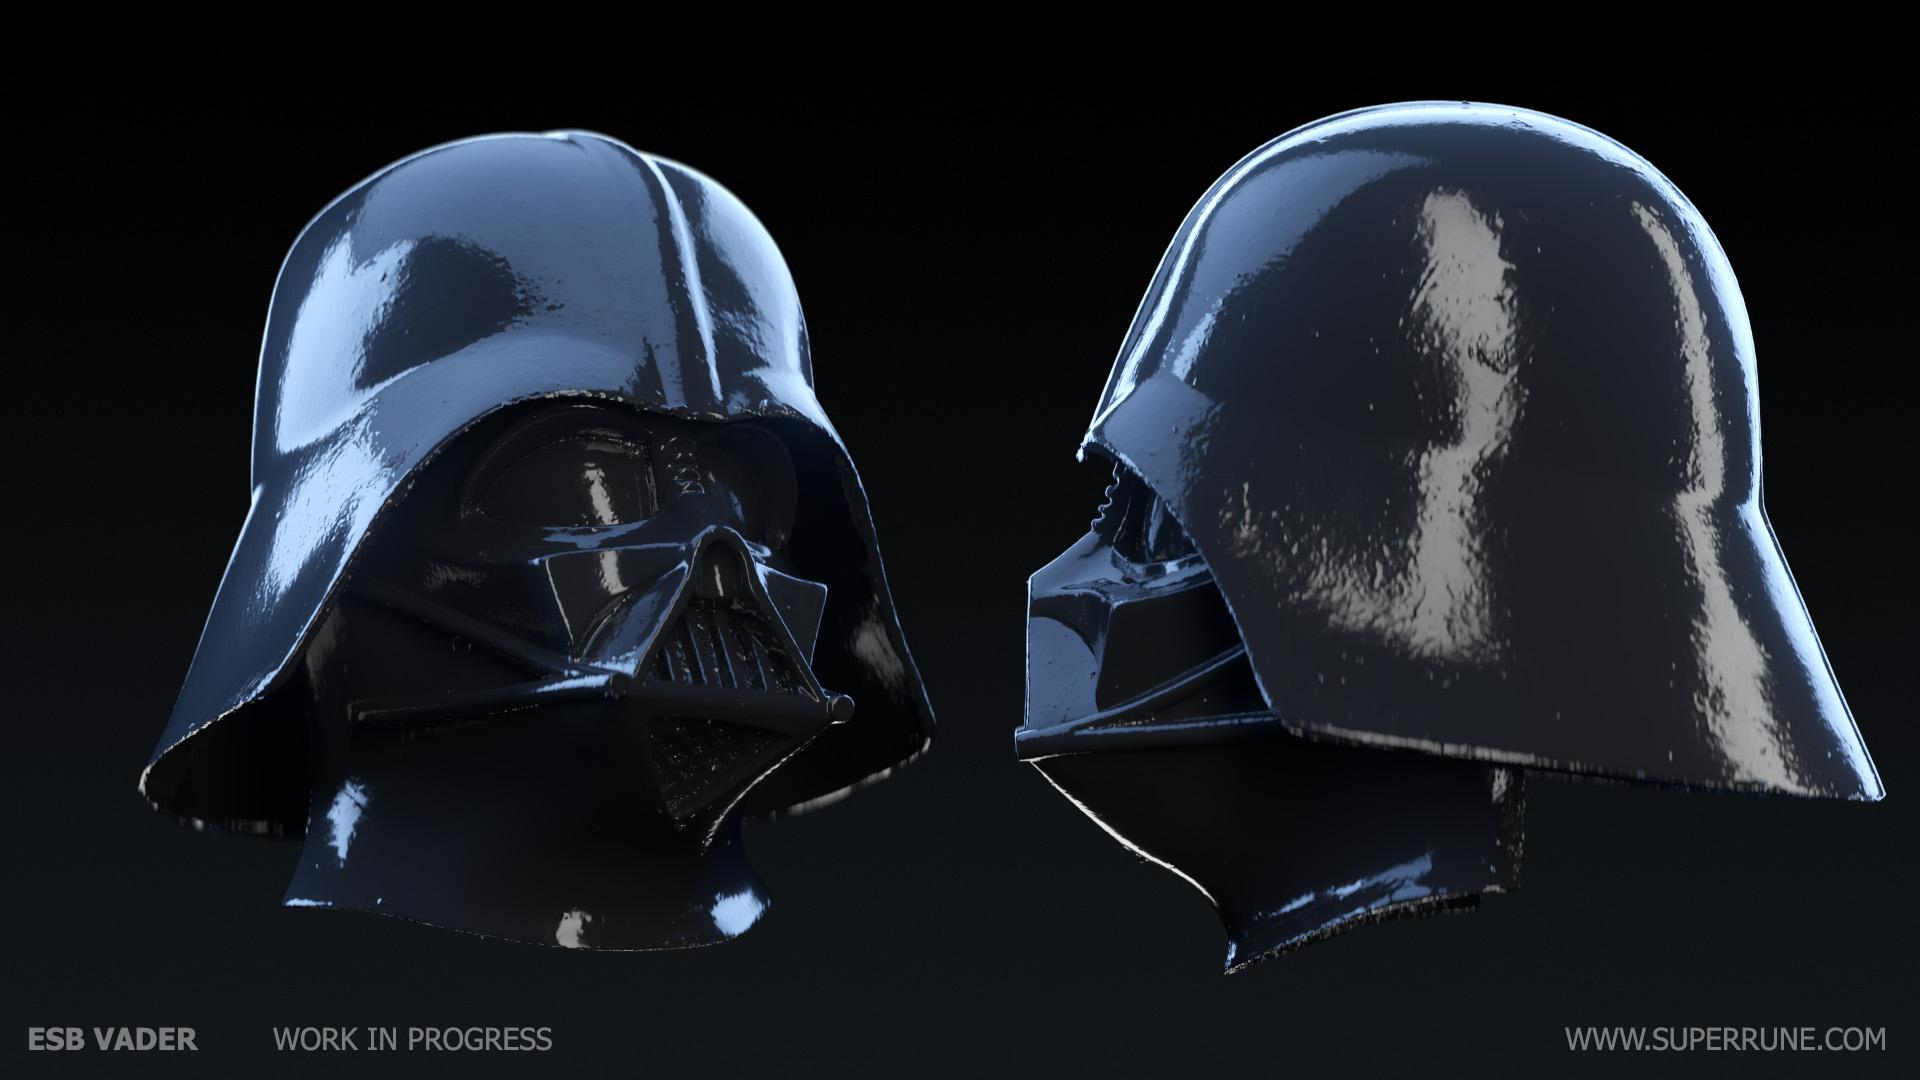 Vader_WIP_02_superrune.jpg